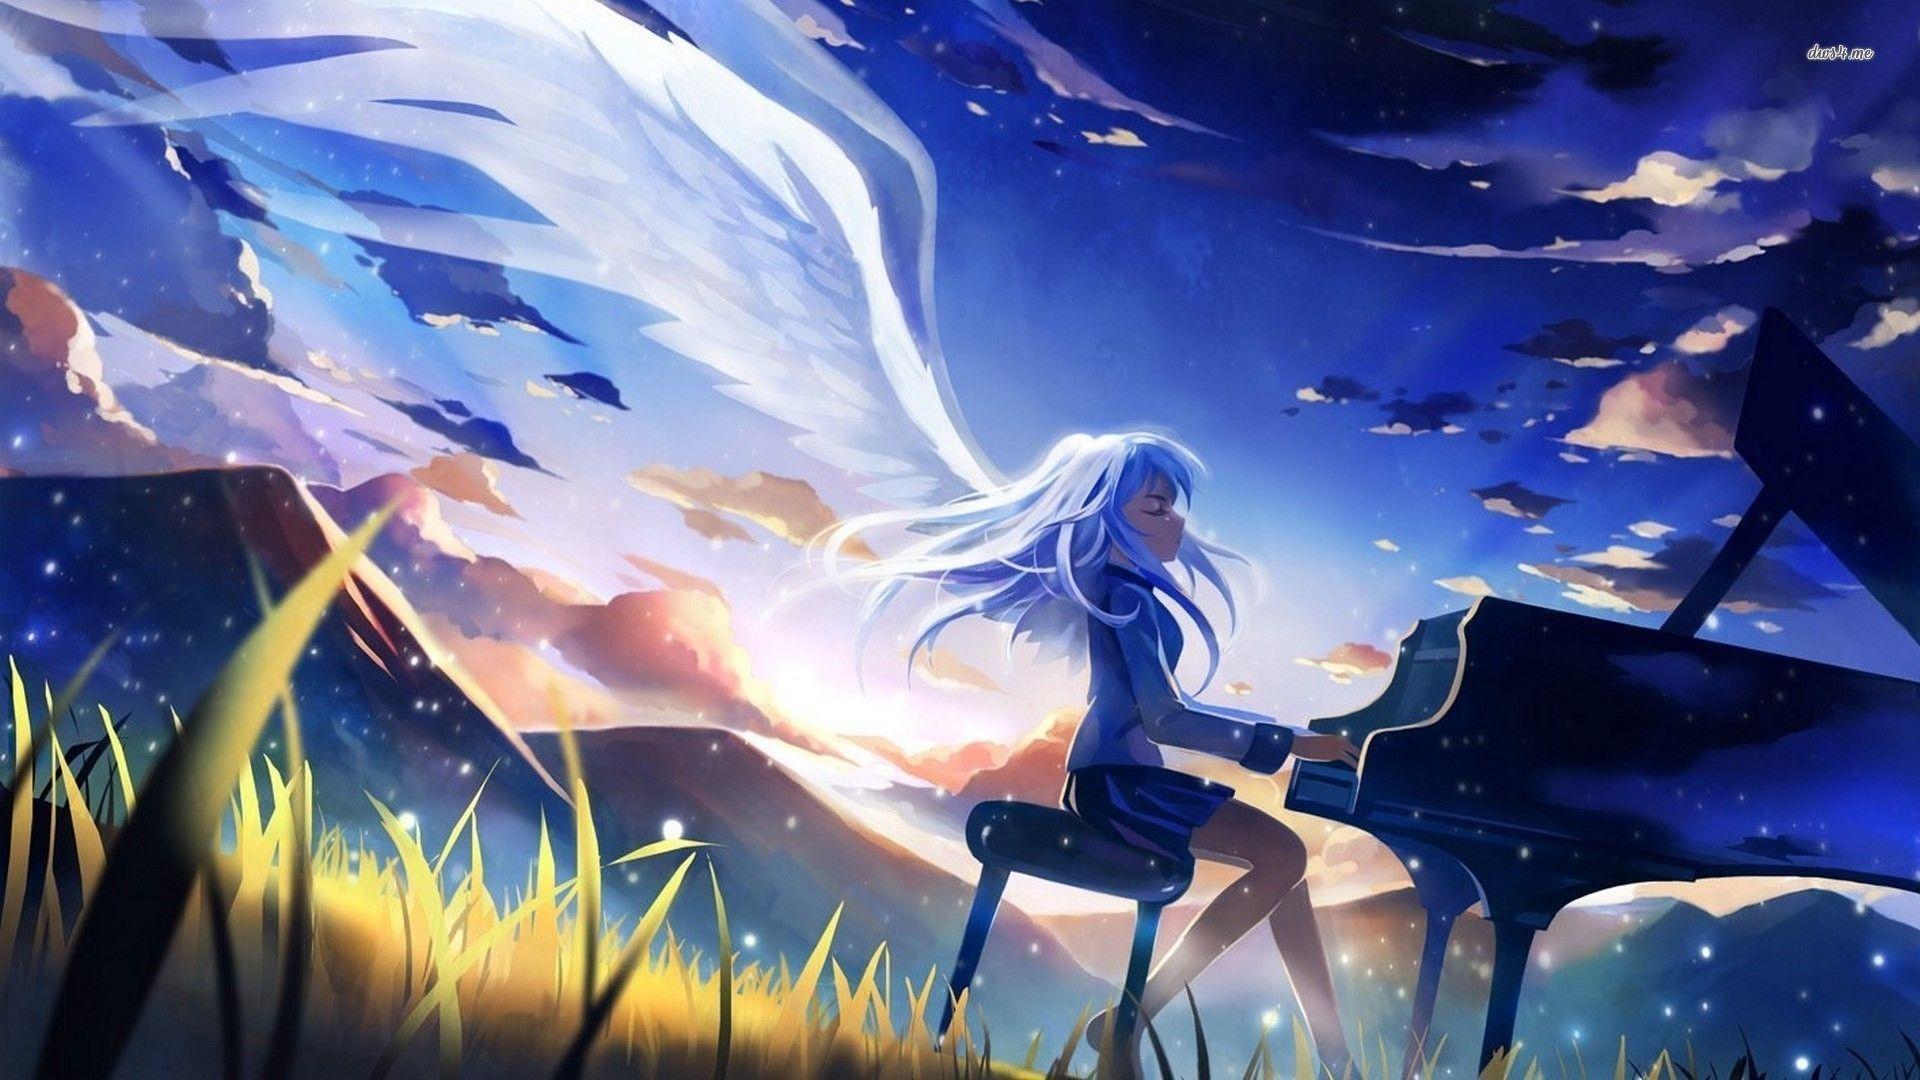 エンジェルビート壁紙4k アニメの天使の壁紙 1280x7 Wallpapertip